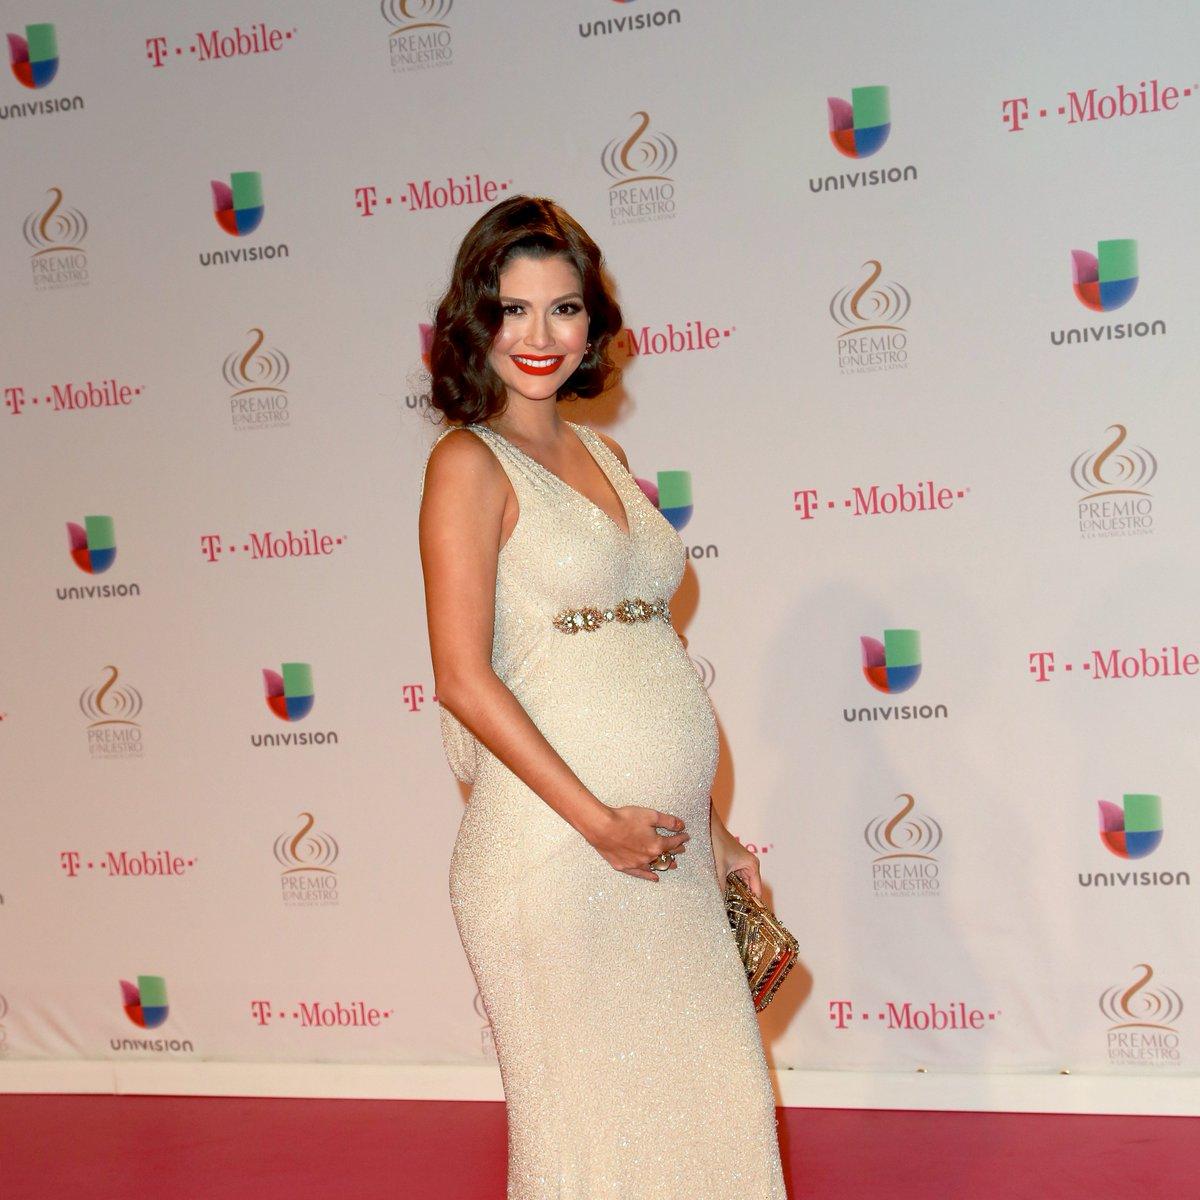 .@AnaPatriciaTV llegó embarazada de la mano de su pequeña, aunque no es la primera vez que la vemos así, en #PremioLoNuestro 2015 llegó con baby Giulietta en su vientre a la alfombra. 🥰️🤰